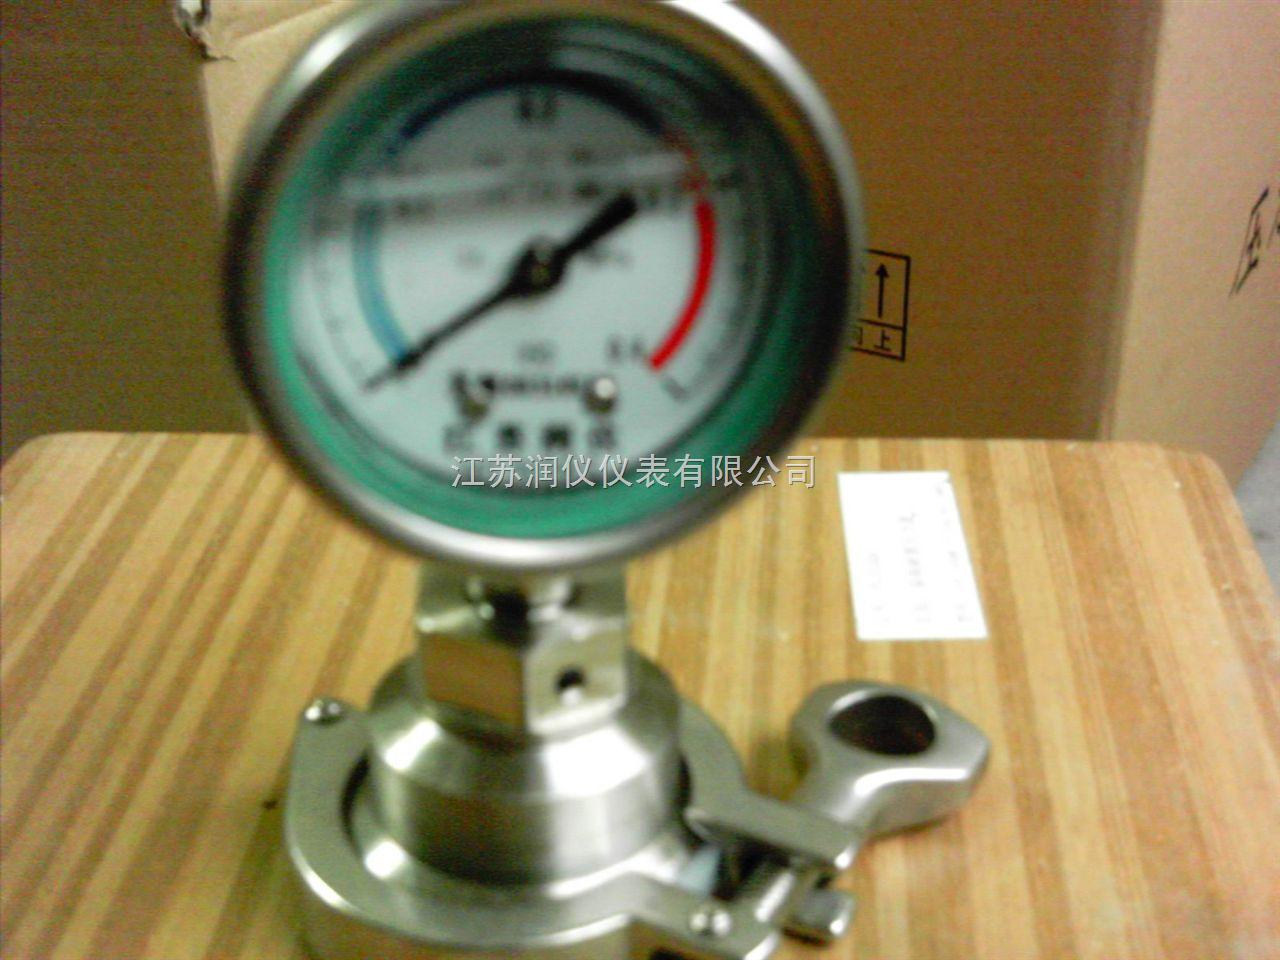 YMN-60B/Z/MC-卫生型耐震隔膜压力表